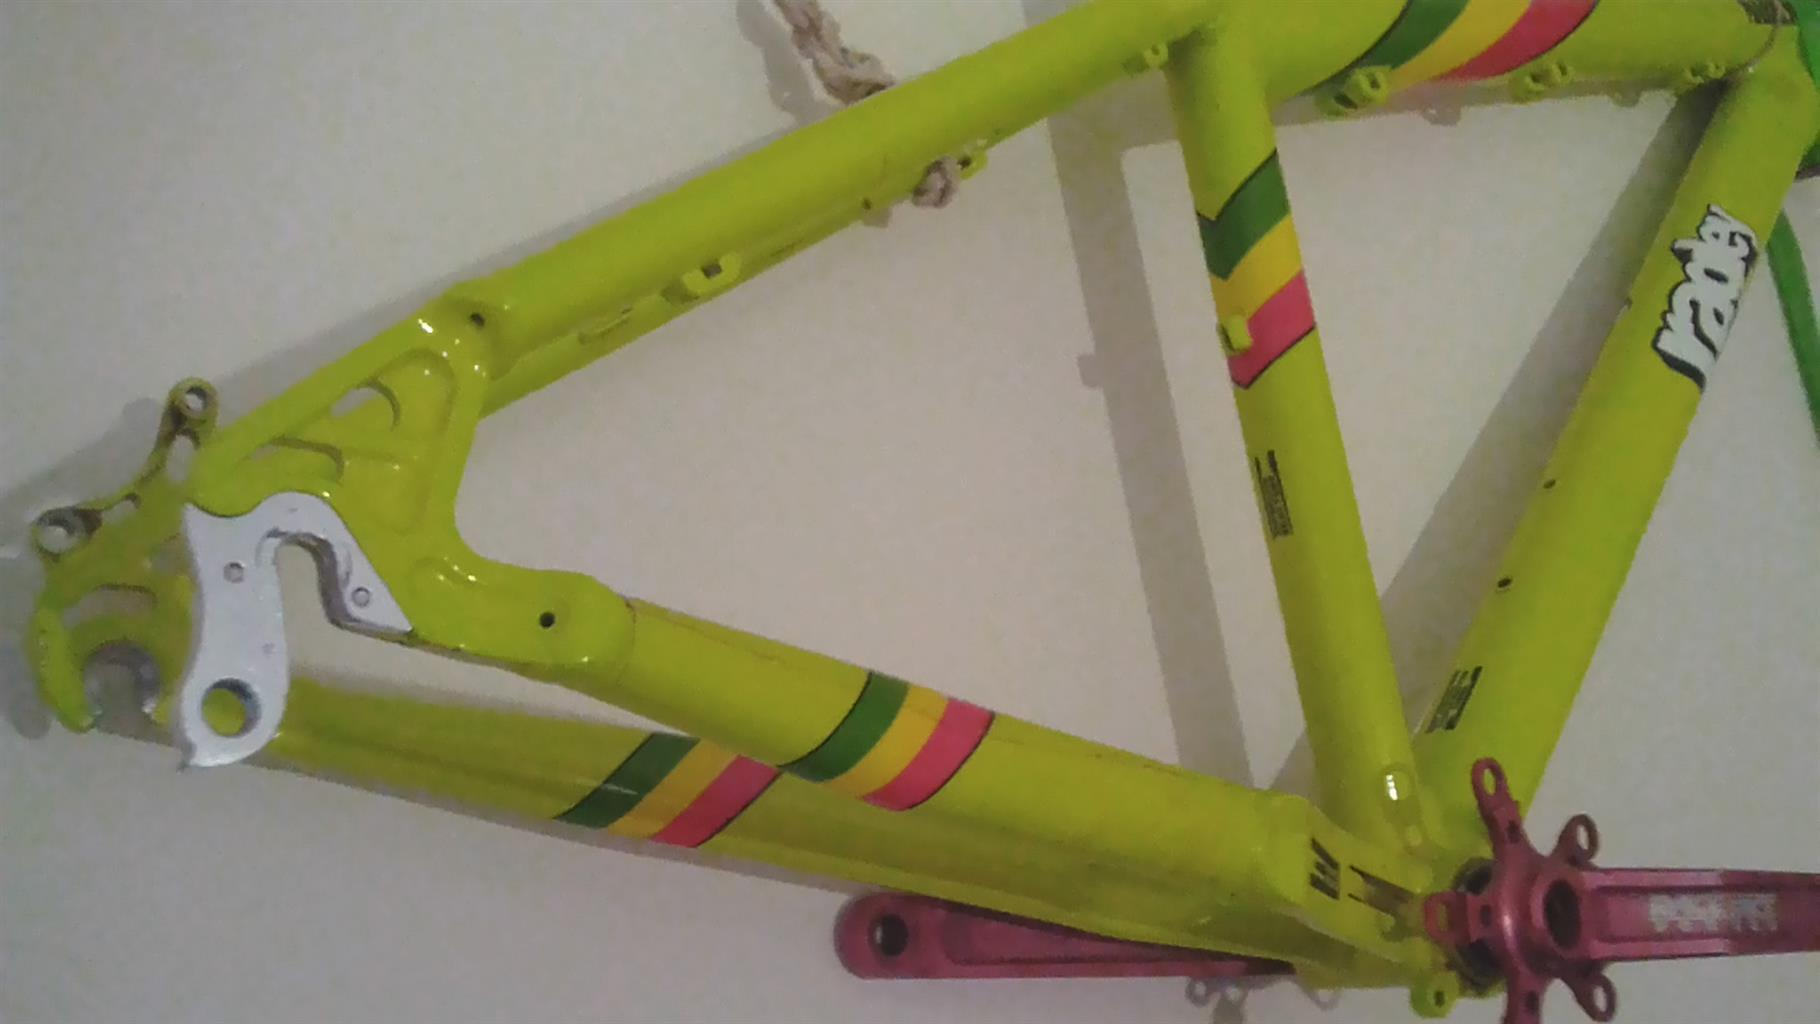 One of a kind Ragley Marley MTB frame